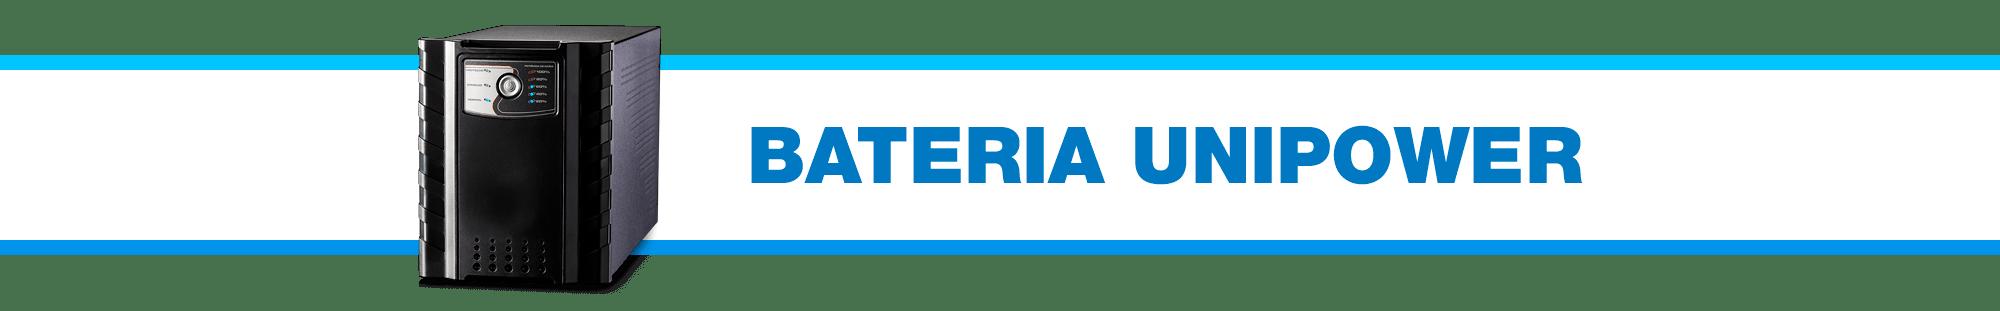 sv-baterias-bateria-unipower-nobreak